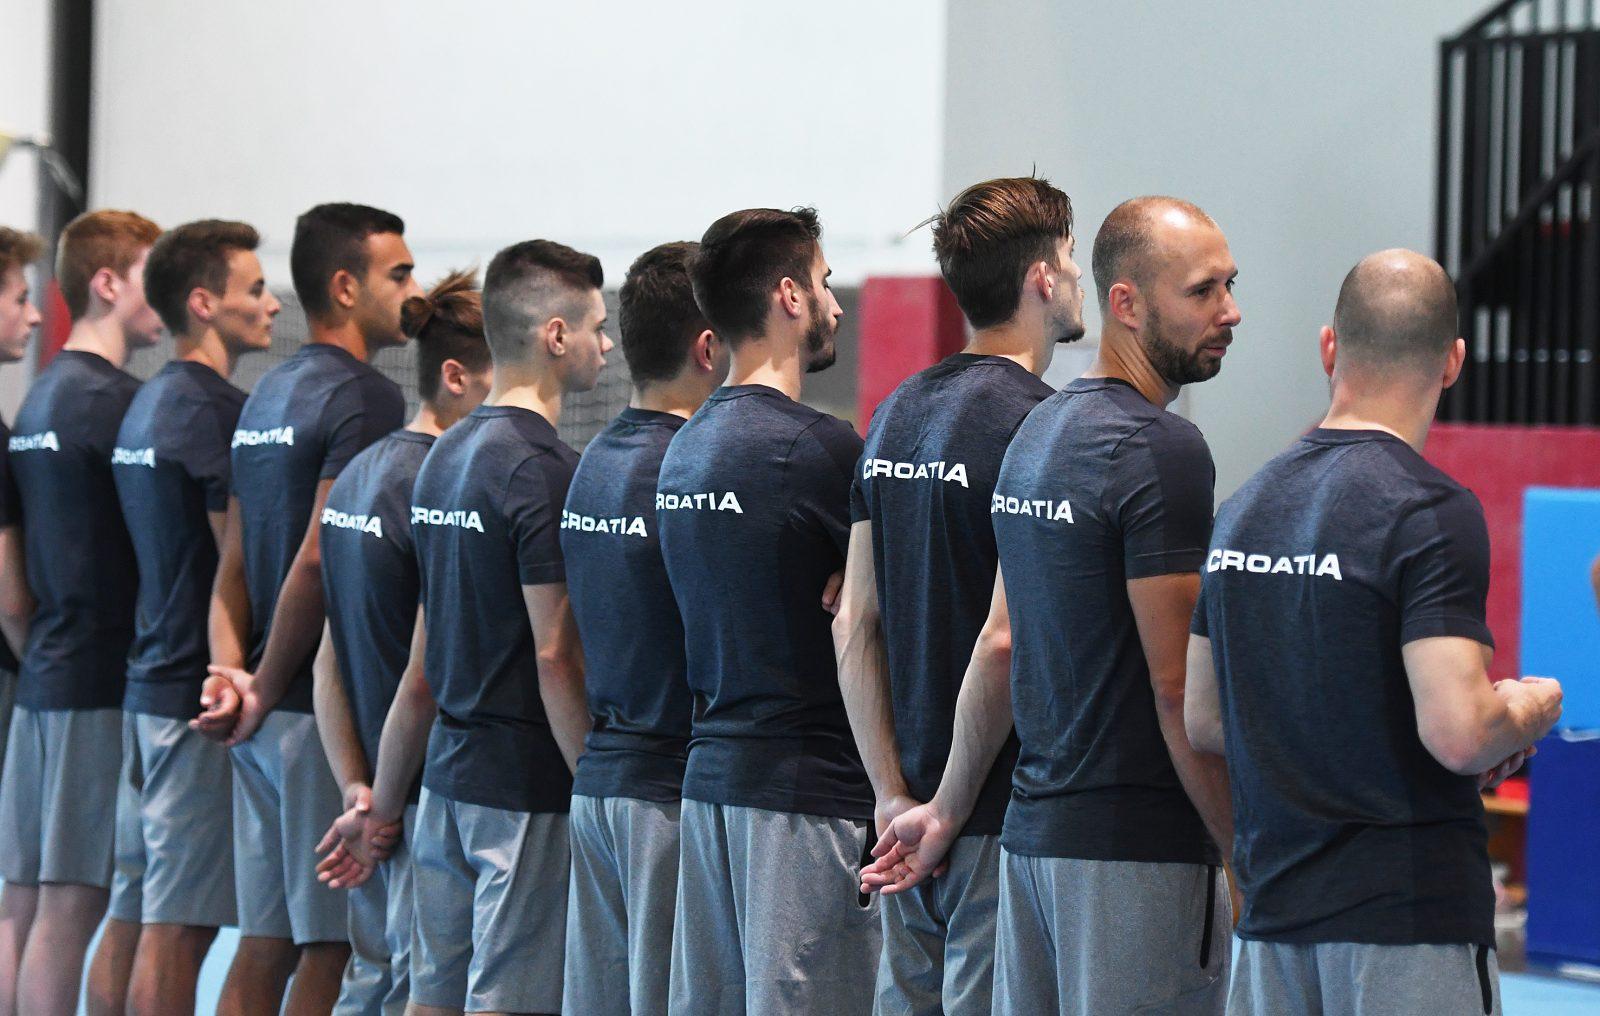 gimnastika cro-gym Hrvatska reprezentacija 1